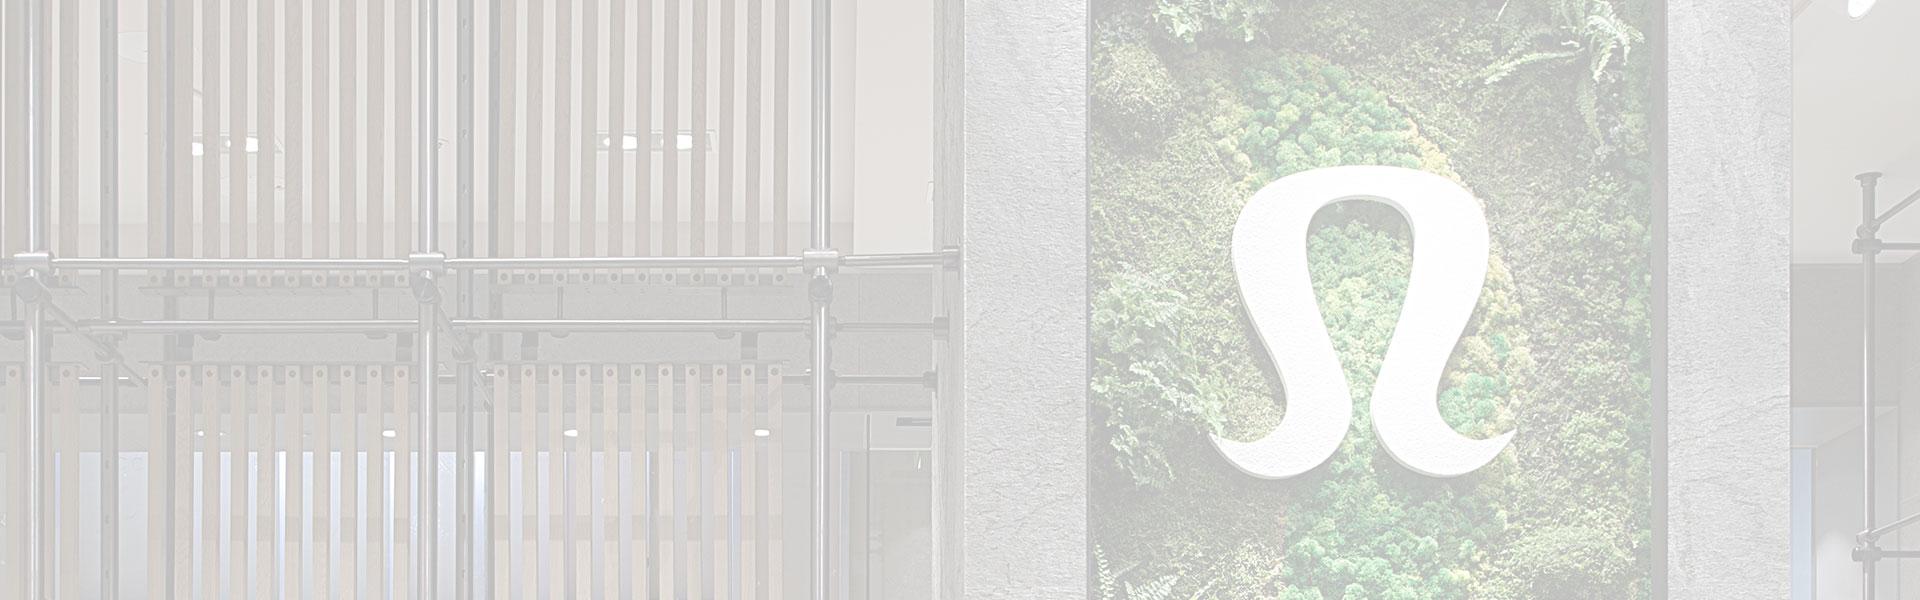 lululemon – Shin Kong Mitsukoshi Mall Xinyi Place Hall A8